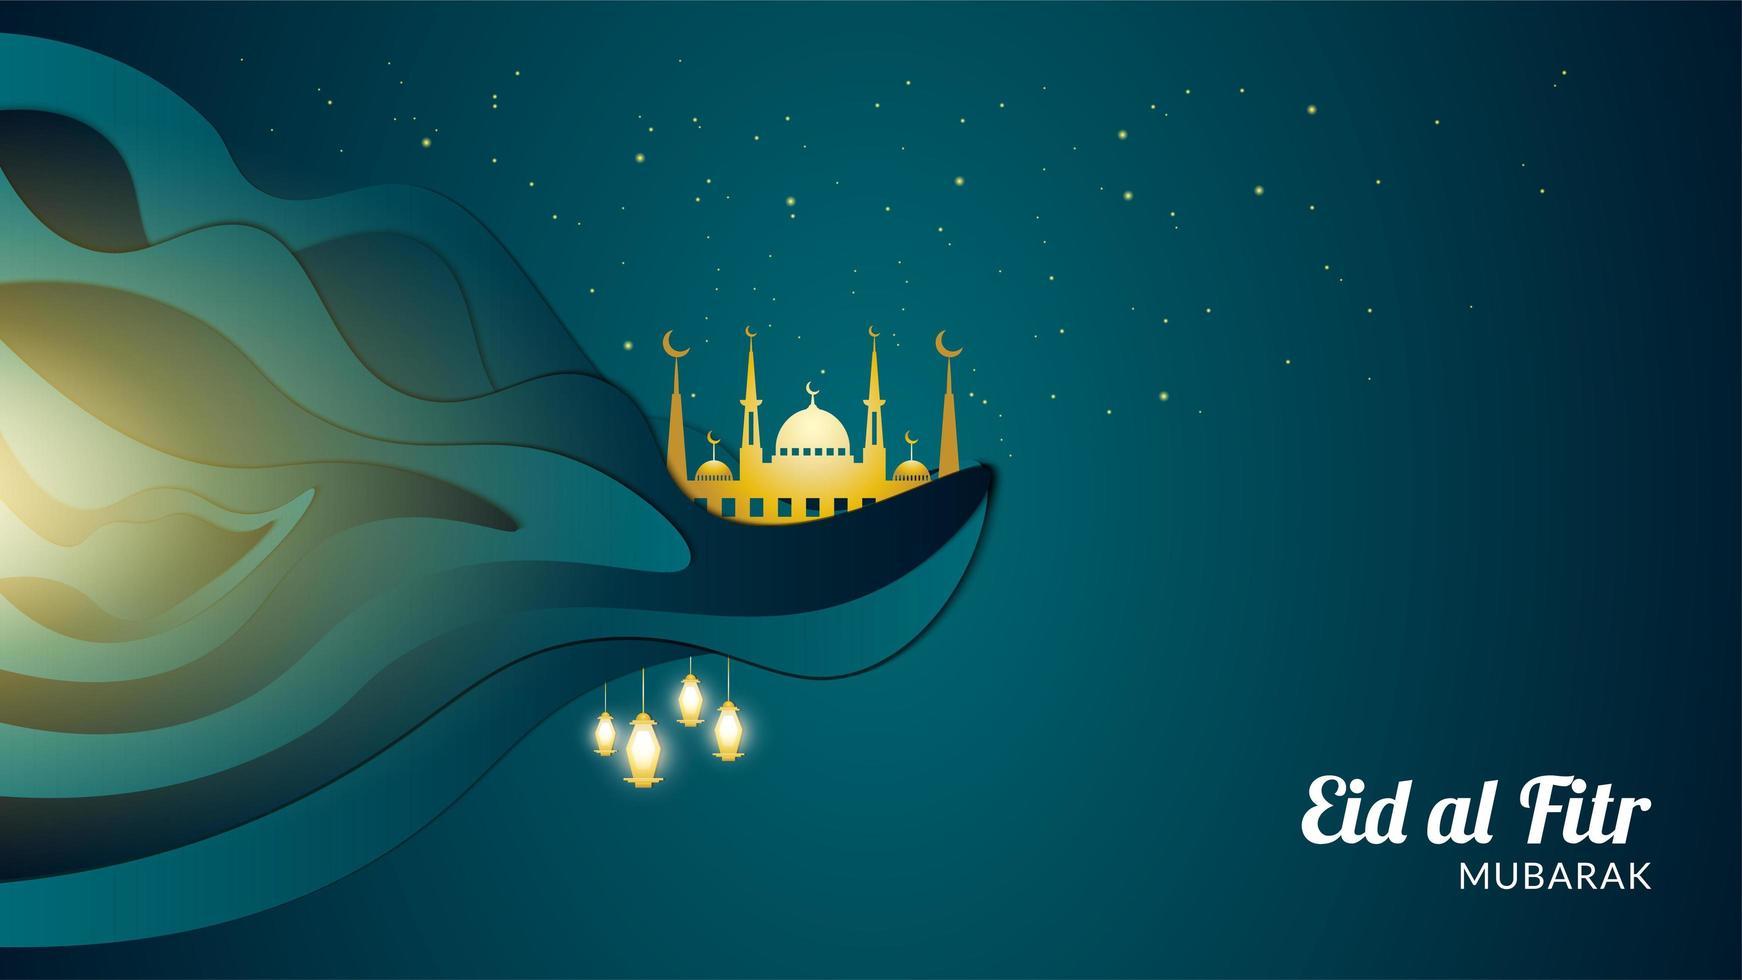 eid al-fitr met gouden moskee op een klif vector